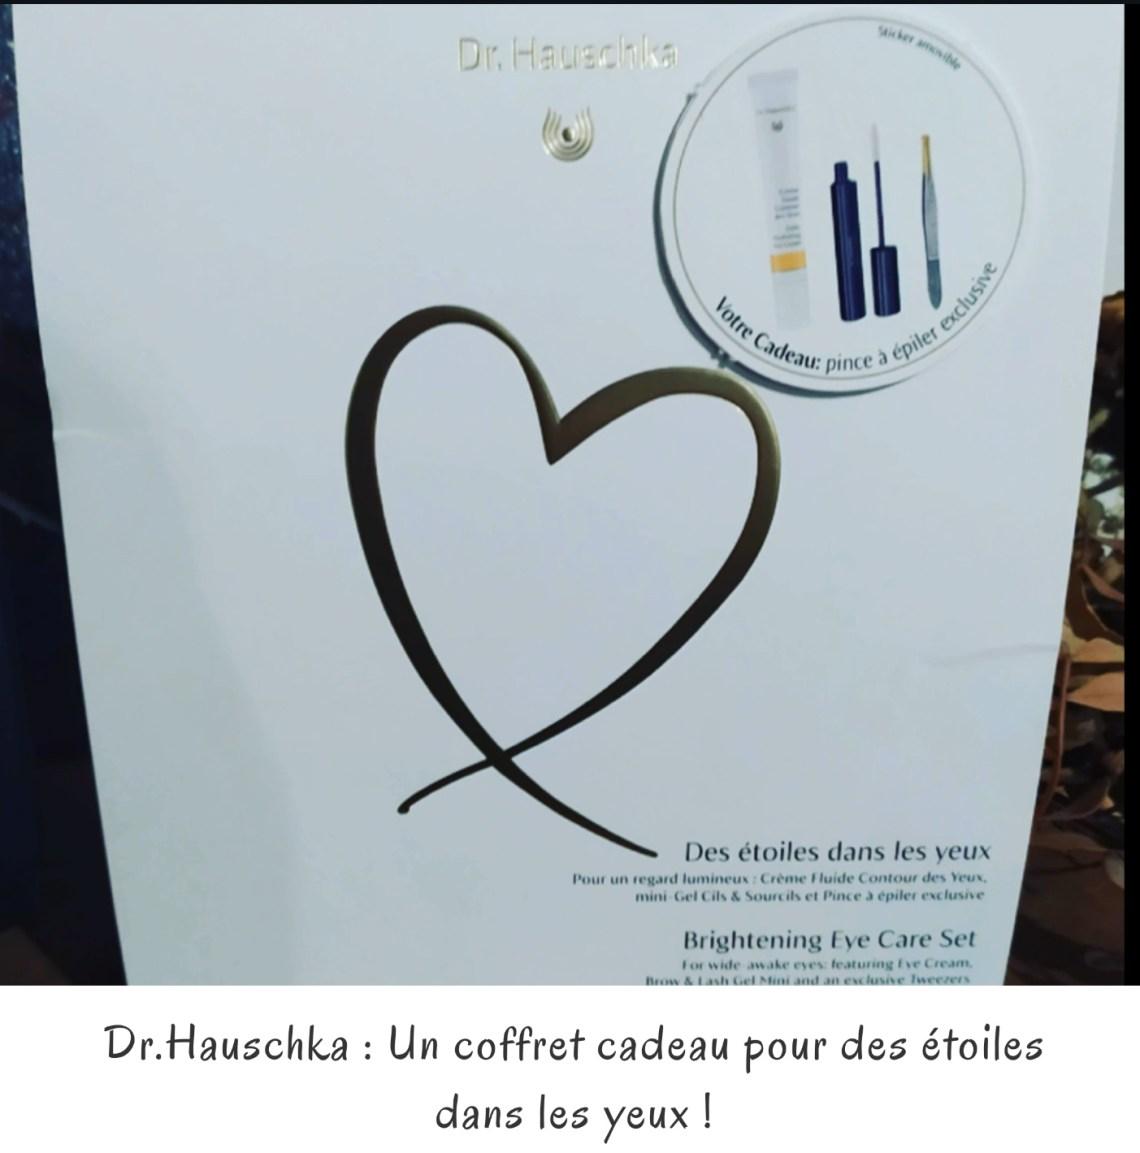 Dr.Hauschka : Un coffret cadeau pour des étoiles dans les yeux !